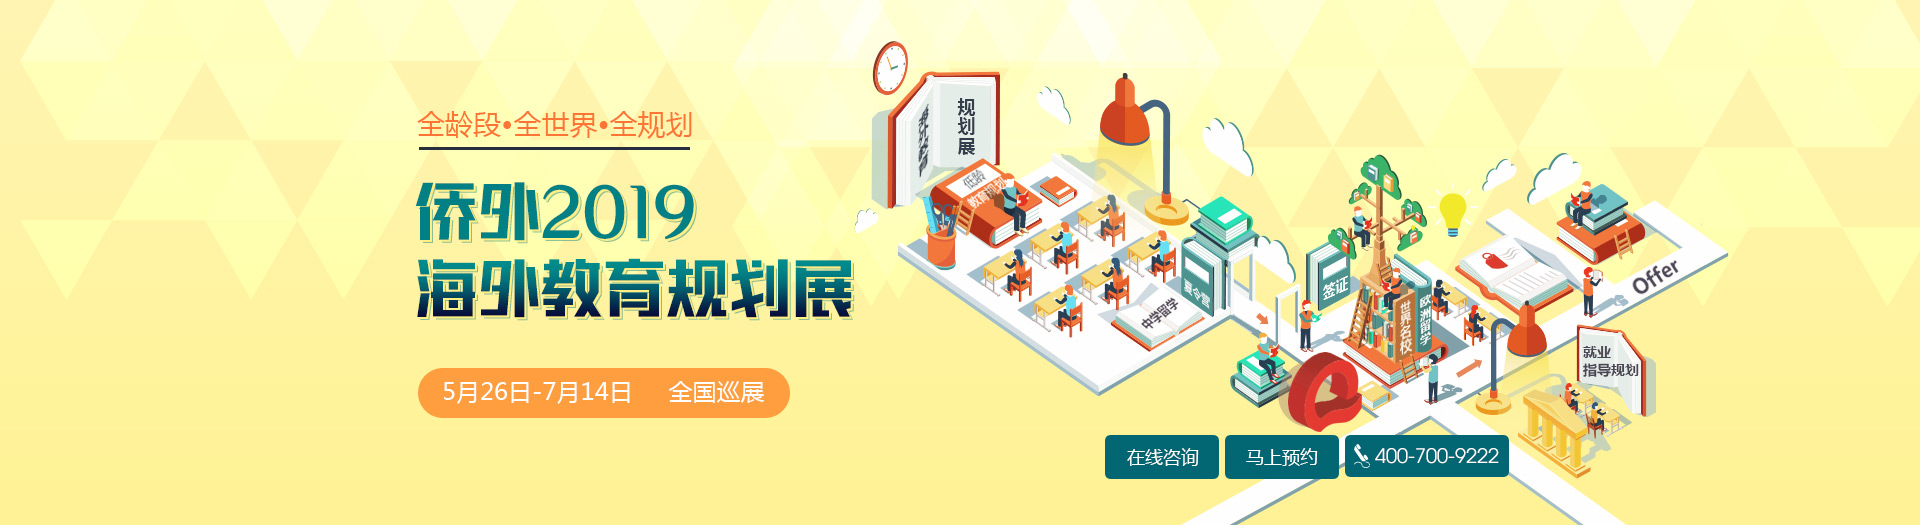 2019教育规划展